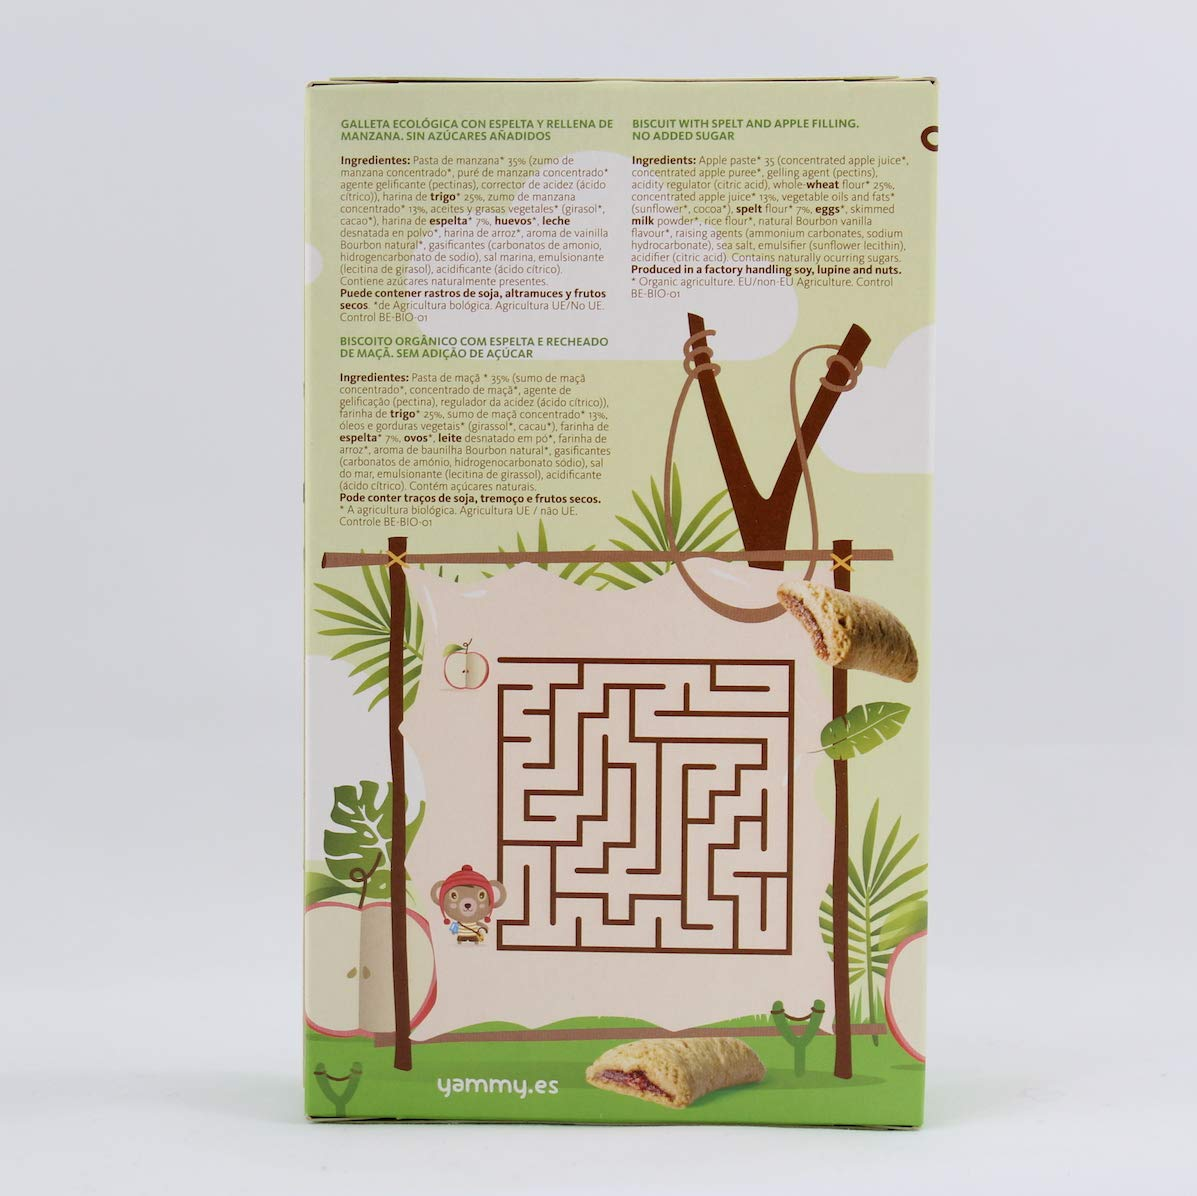 Yammy, Galleta Ecológica Infantil (Espelta Rellena de Puré Manzana) - 6 de 150 gr. (Total 900 gr.): Amazon.es: Alimentación y bebidas